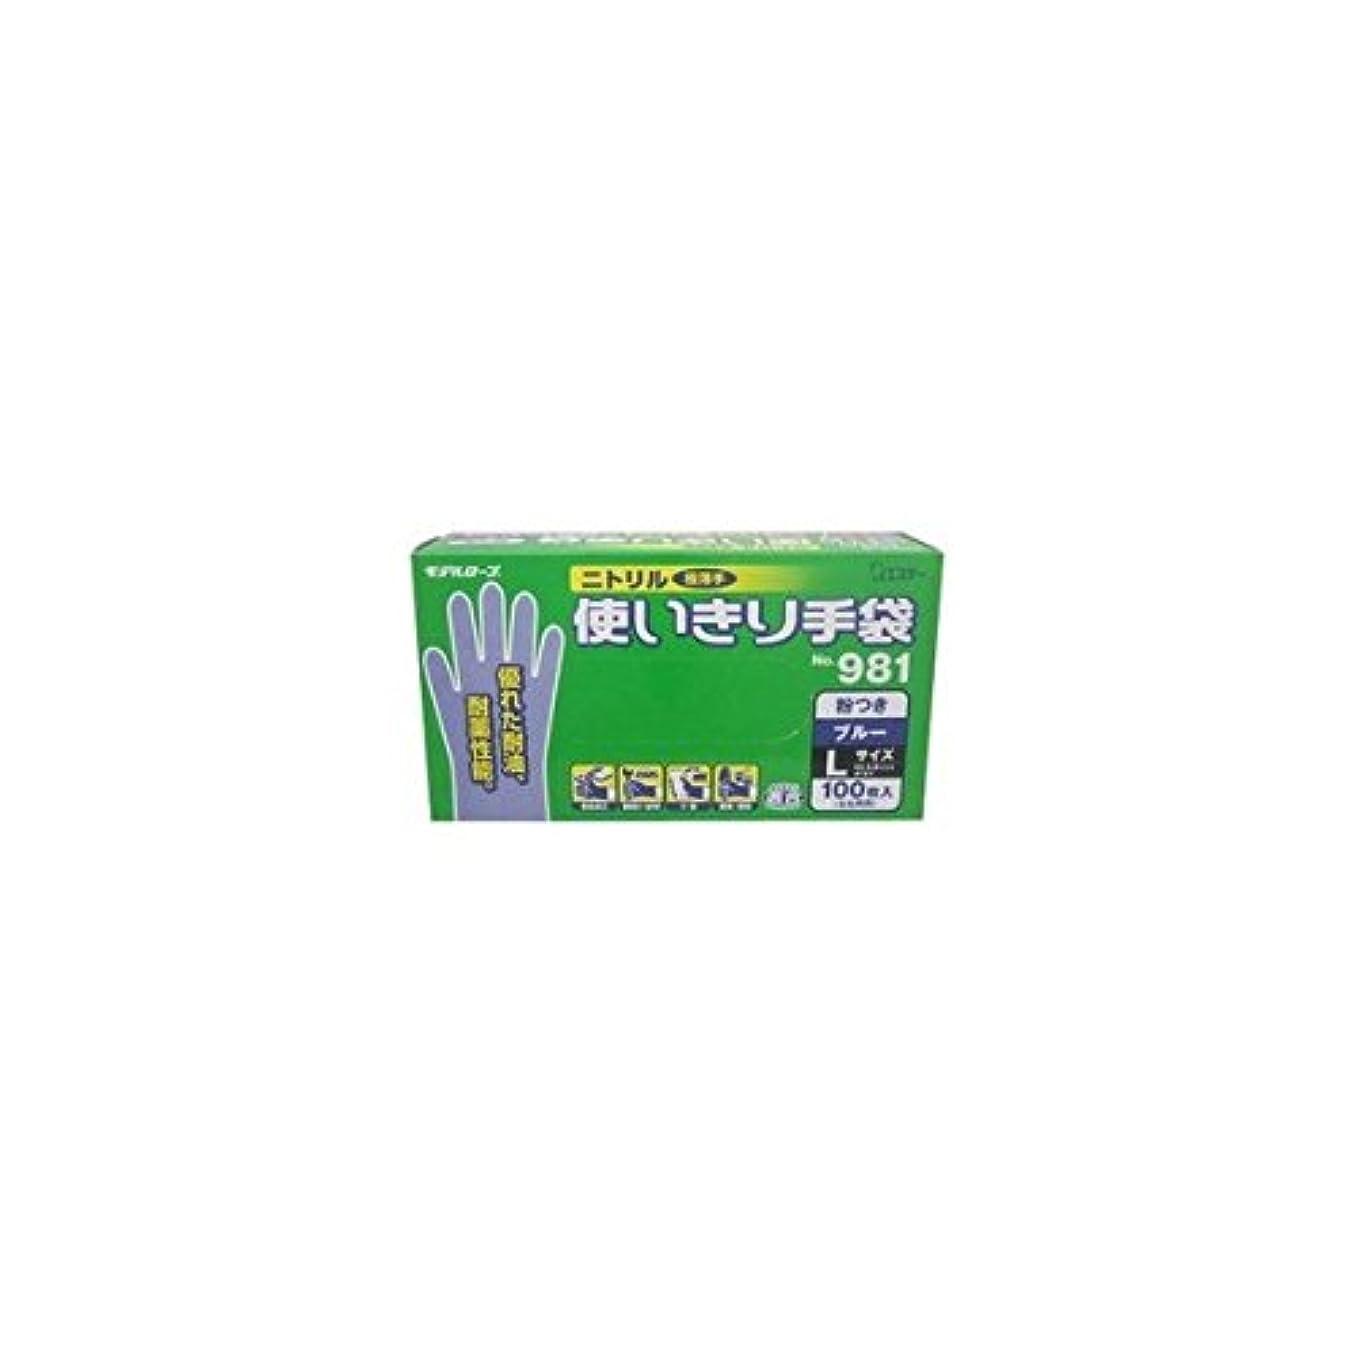 エステー 二トリル手袋 粉付(100枚入)L ブルー No.981